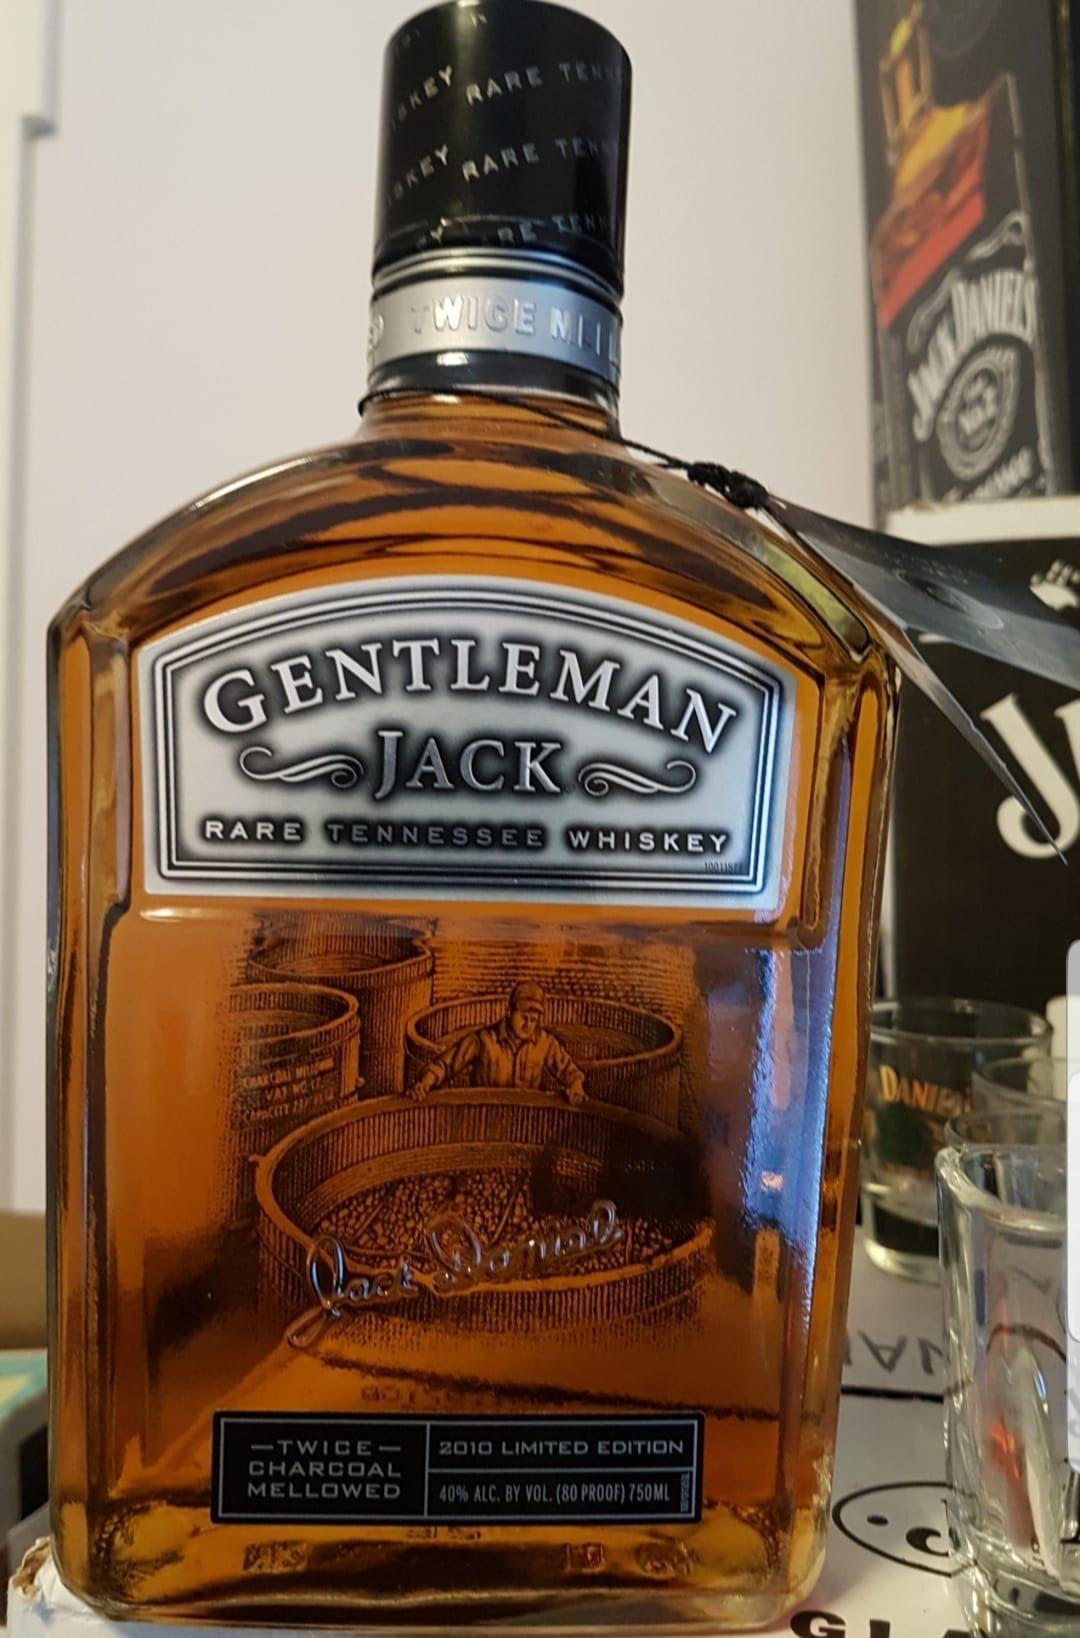 Pin By R On Drink Jack Daniels Gentleman Jack Jack